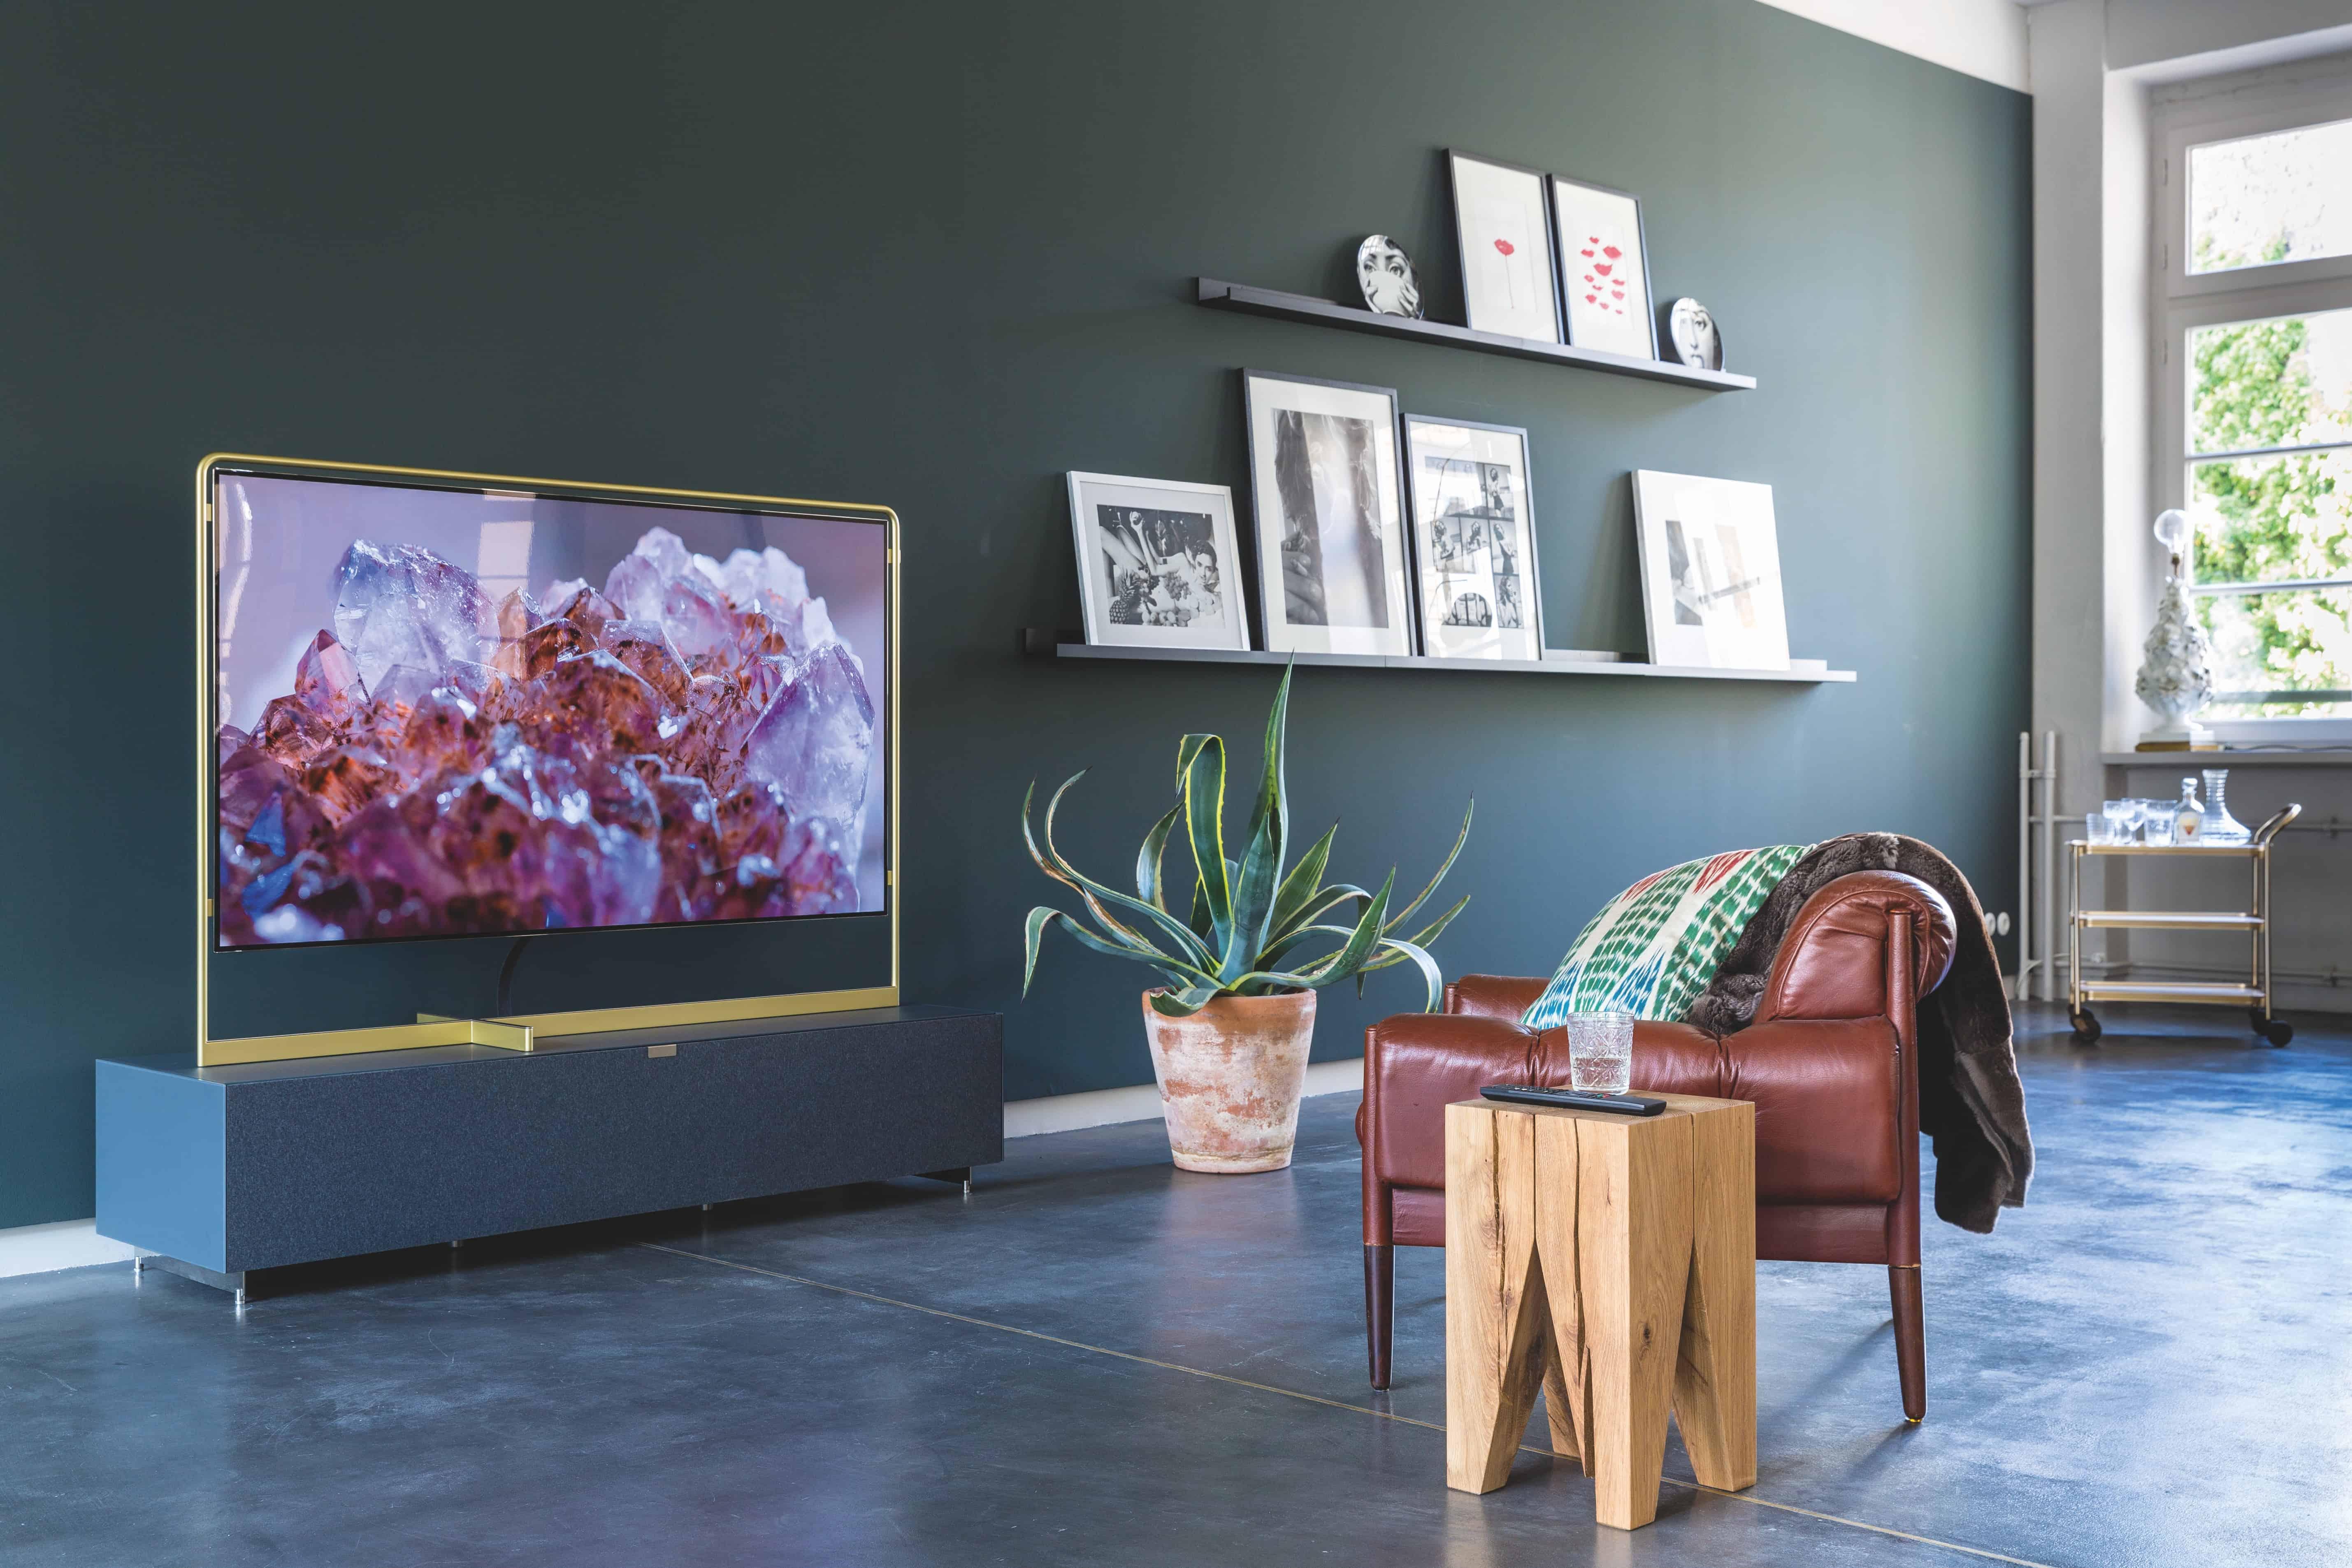 التلفاز أثناء القراءة-orchidfulifestyle